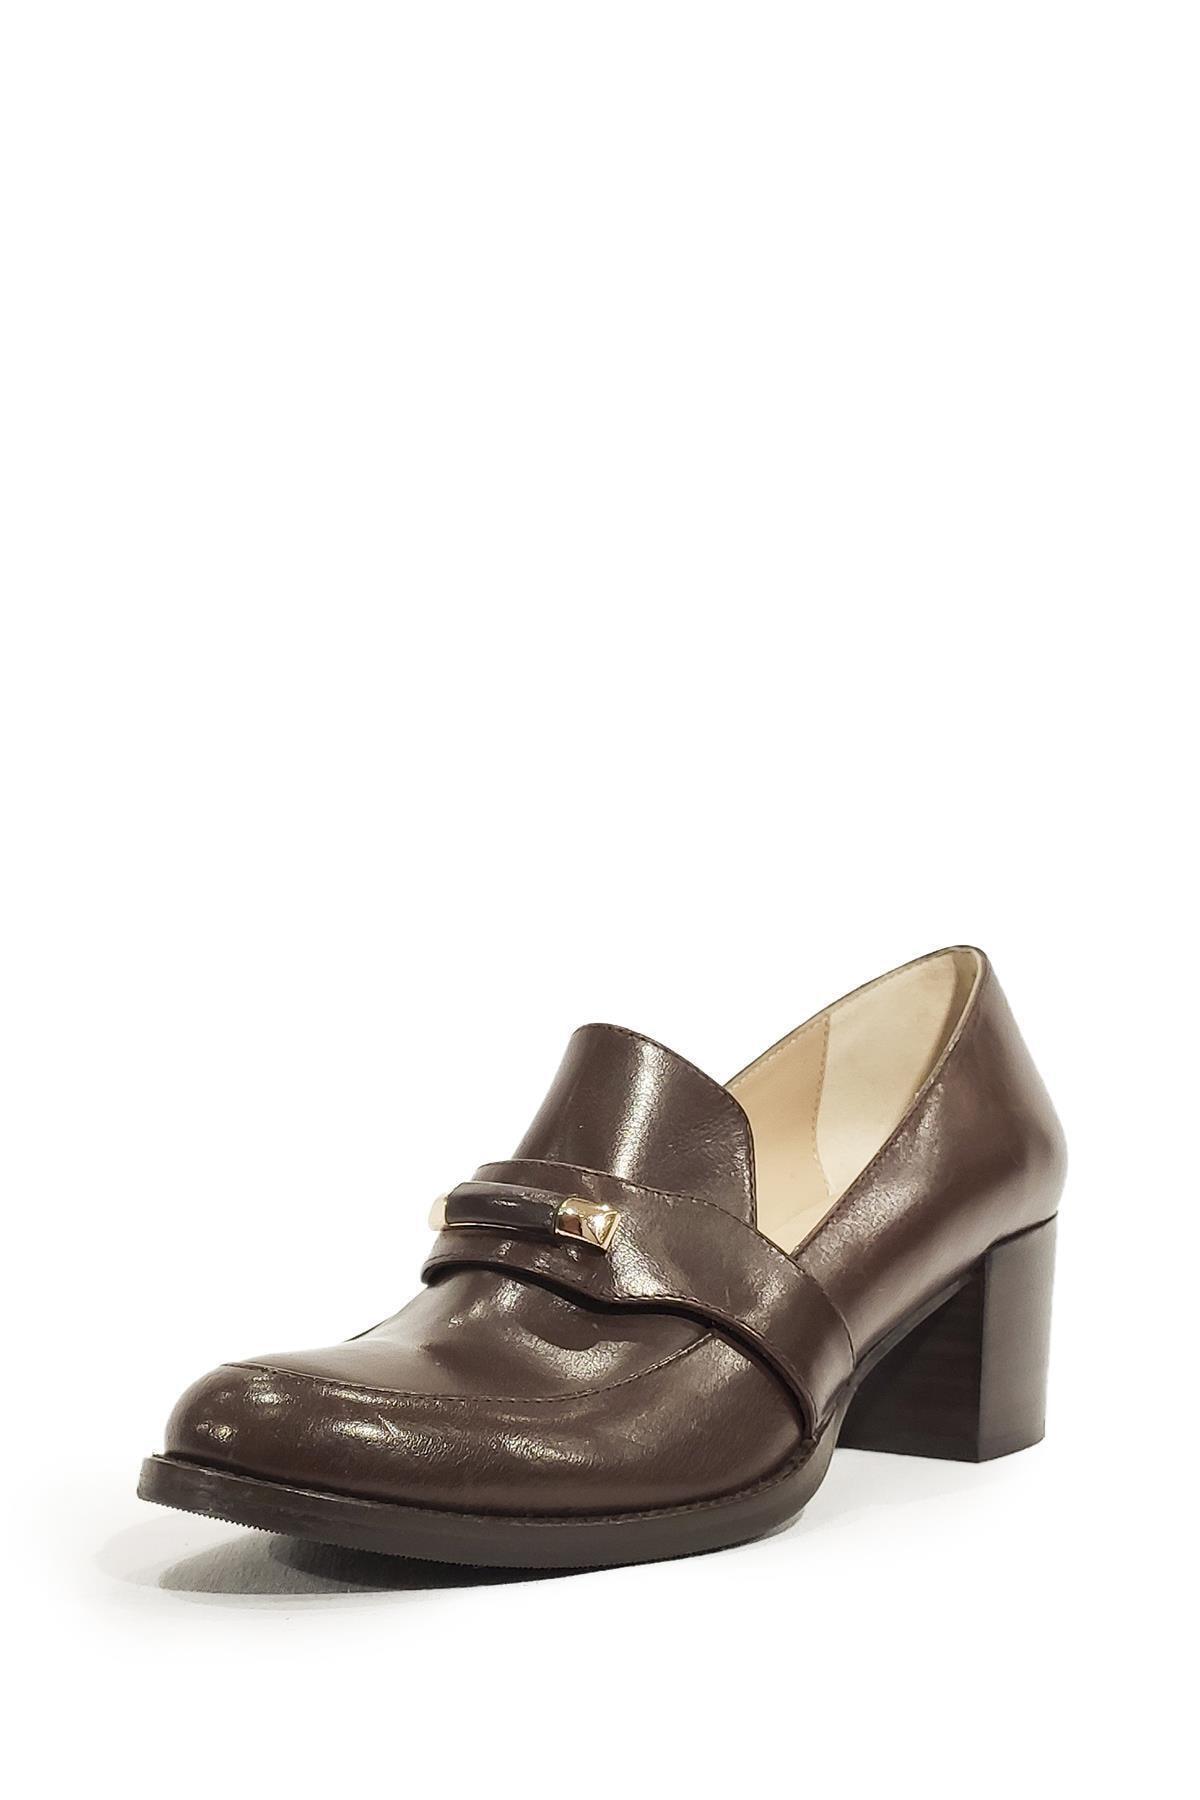 Nursace Hakiki Deri Klasik Ayakkabı Nsc19y-a05179 1